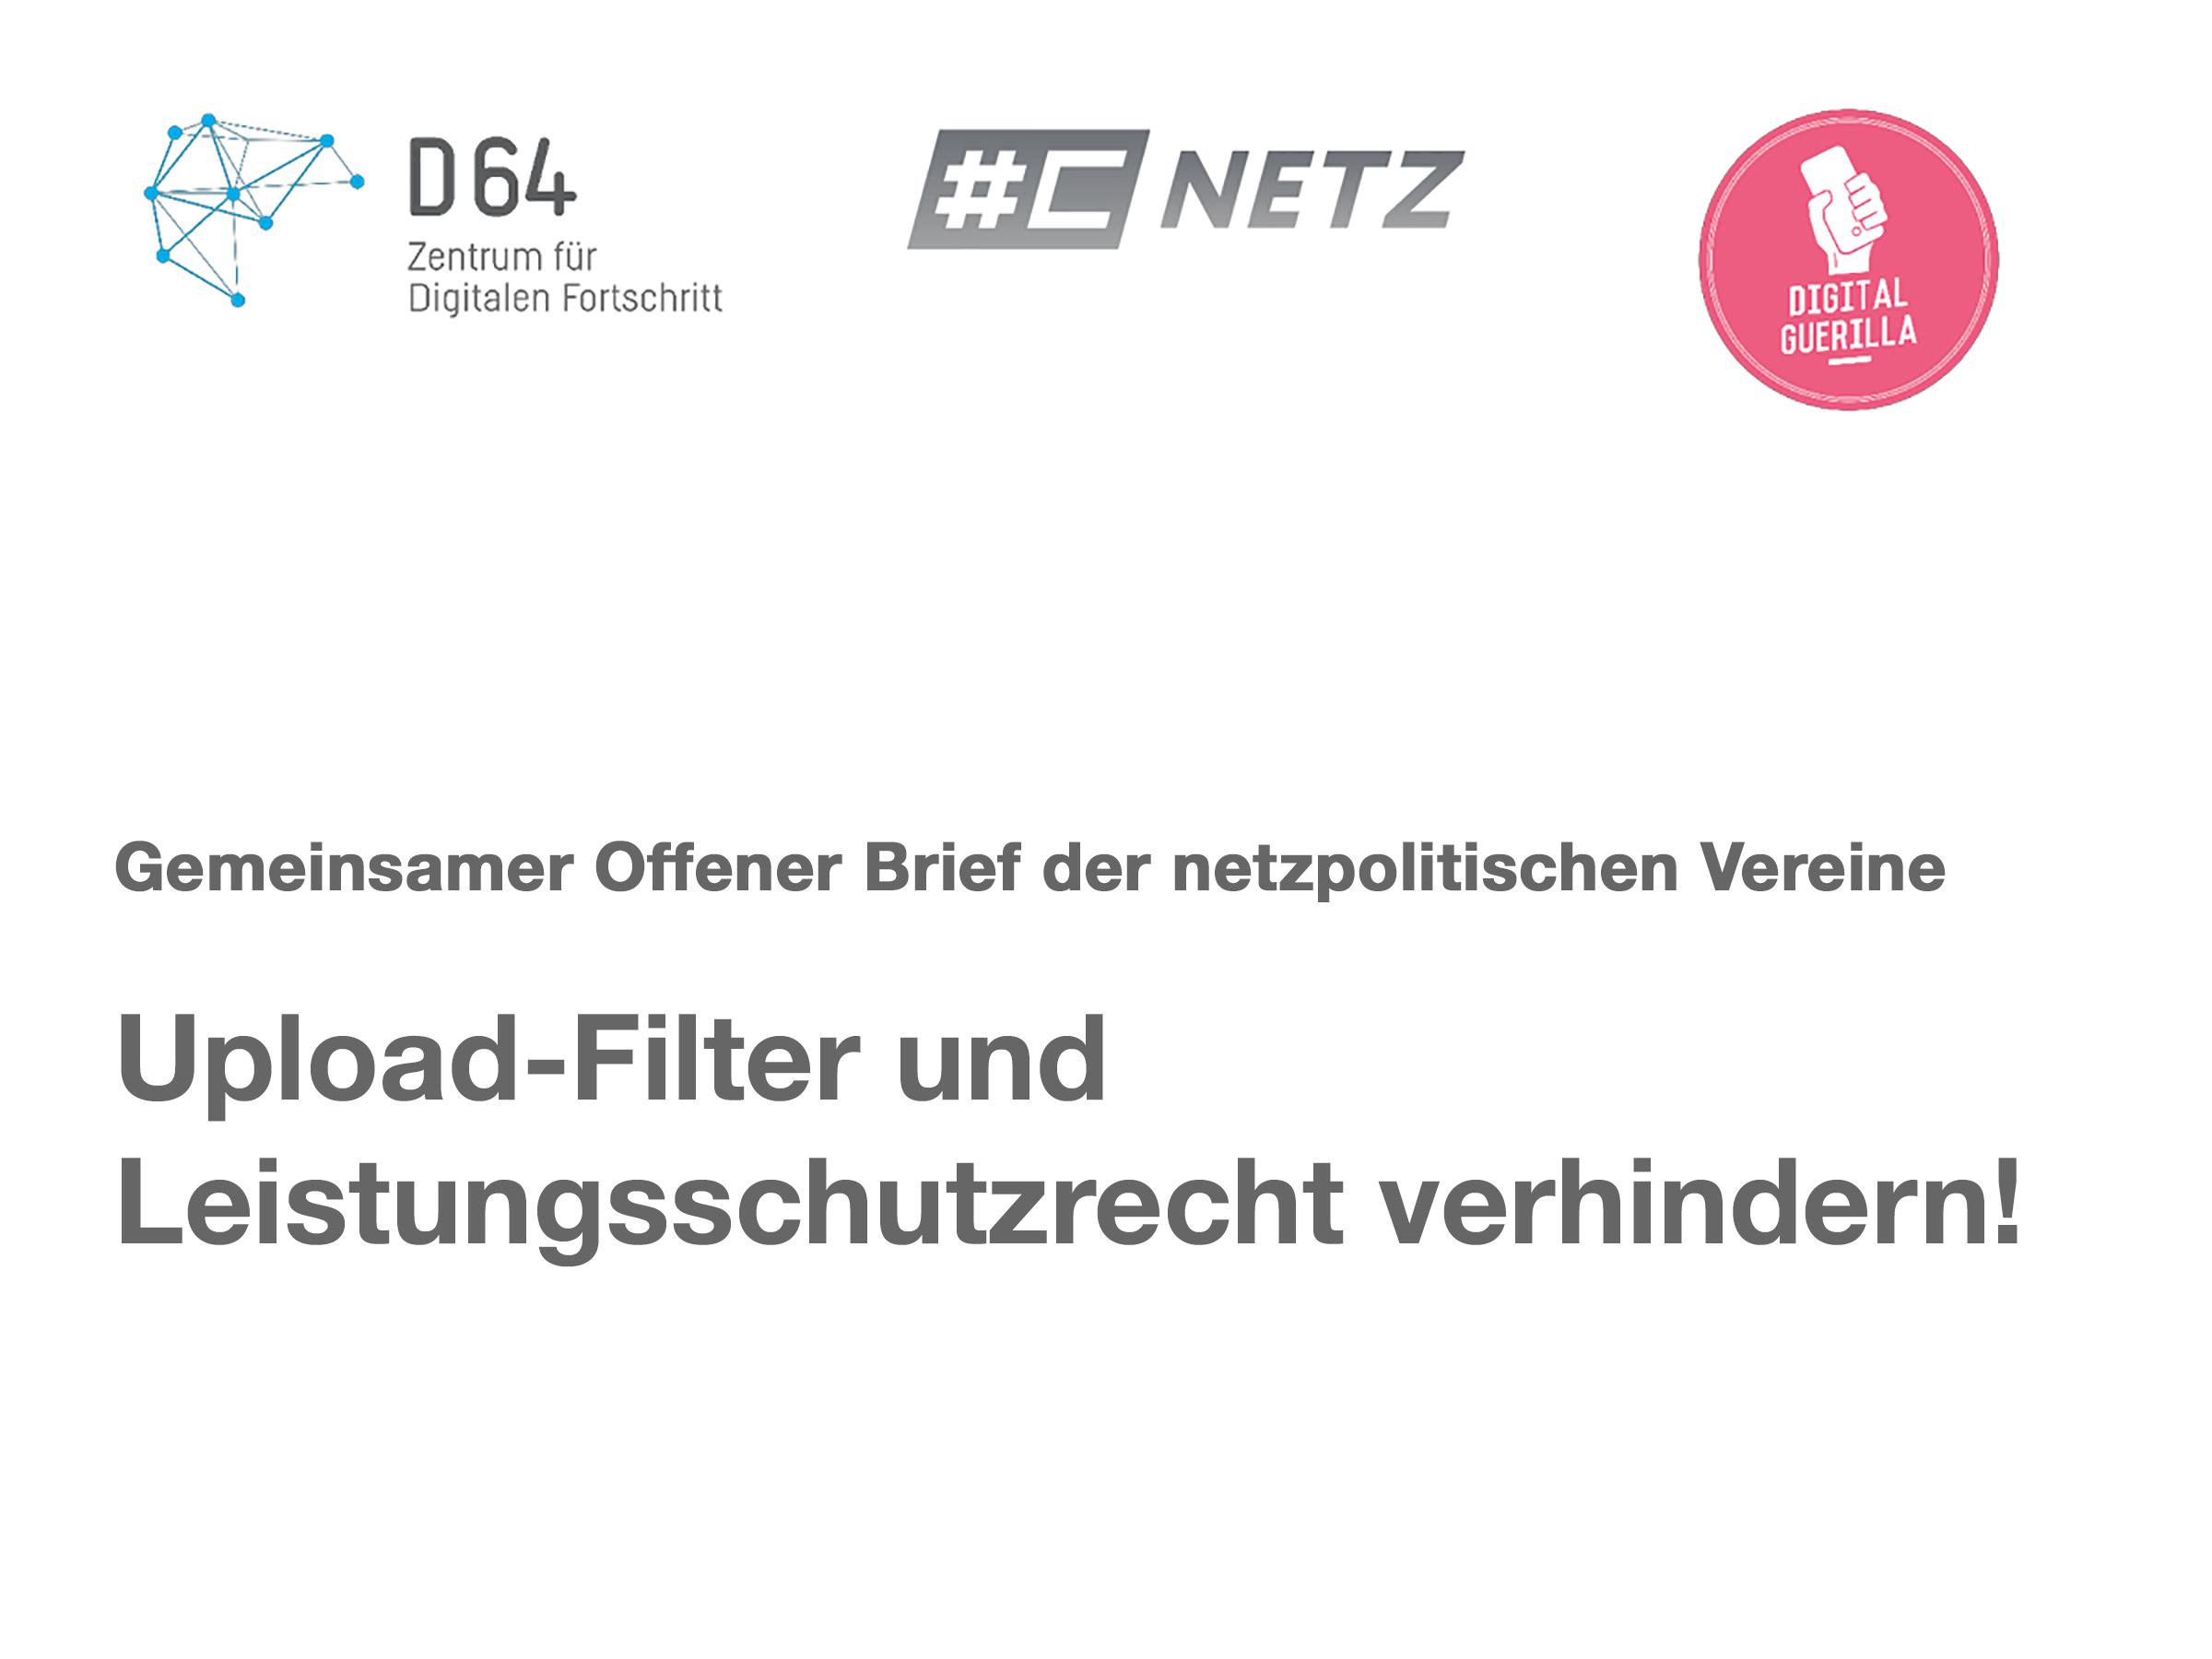 Offener Brief Digitalvereine Stemmen Sich Gegen Upload Filter Und